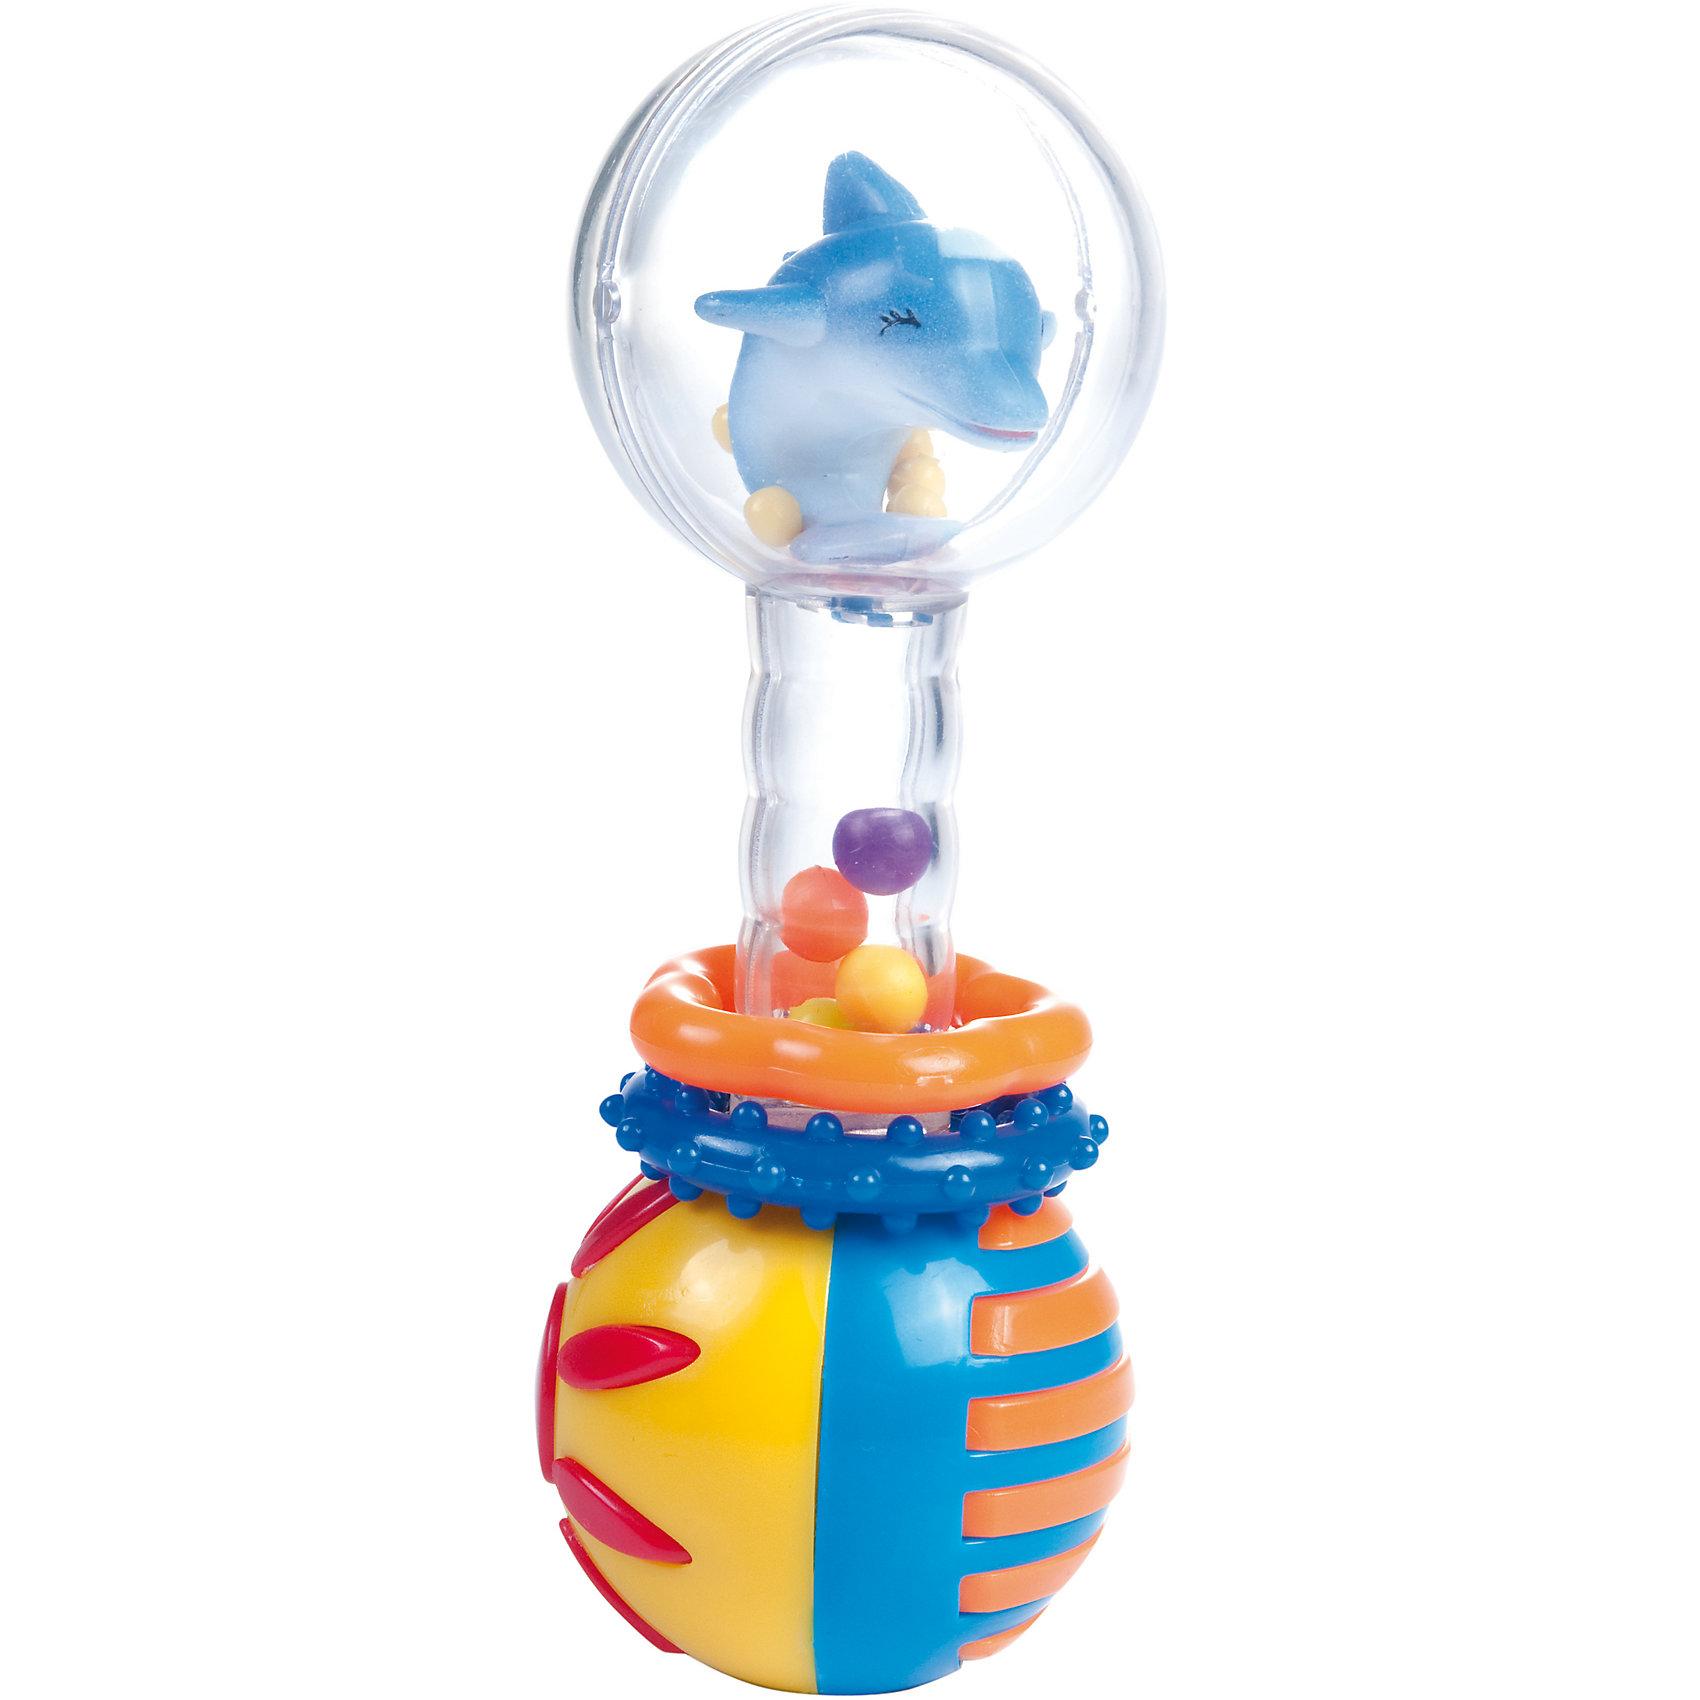 Погремушка-шарики Дельфин, 0+, Canpol BabiesПогремушка-шарики Дельфин, 0+, Canpol Babies ( Канпол Бейбис).<br>Характеристики:<br>• Материал:  пластик.<br>• Цвет: разноцветный.<br><br>Погремушка-шарики Дельфин, 0+, Canpol Babies ( Канпол Бейбис), —  яркая и легкая игрушка, которую удобно держать в крошечных ручках. Она  сделана в форме гантельки с забавной фигуркой дельфина внутри шара из высококачественного пластика, который совершенно безопасен для здоровья вашего малыша! Карапузу будет удобно держать игрушку у себя в ручке! Играя с этой погремушкой, ребенок будет развивать моторику рук, тактильное и звуковое восприятие.<br><br>Погремушка-шарики Дельфин, 0+, Canpol Babies ( Канпол Бейбис), можно купить в нашем интернет – магазине.<br><br>Ширина мм: 155<br>Глубина мм: 40<br>Высота мм: 210<br>Вес г: 560<br>Возраст от месяцев: 0<br>Возраст до месяцев: 18<br>Пол: Унисекс<br>Возраст: Детский<br>SKU: 5156768